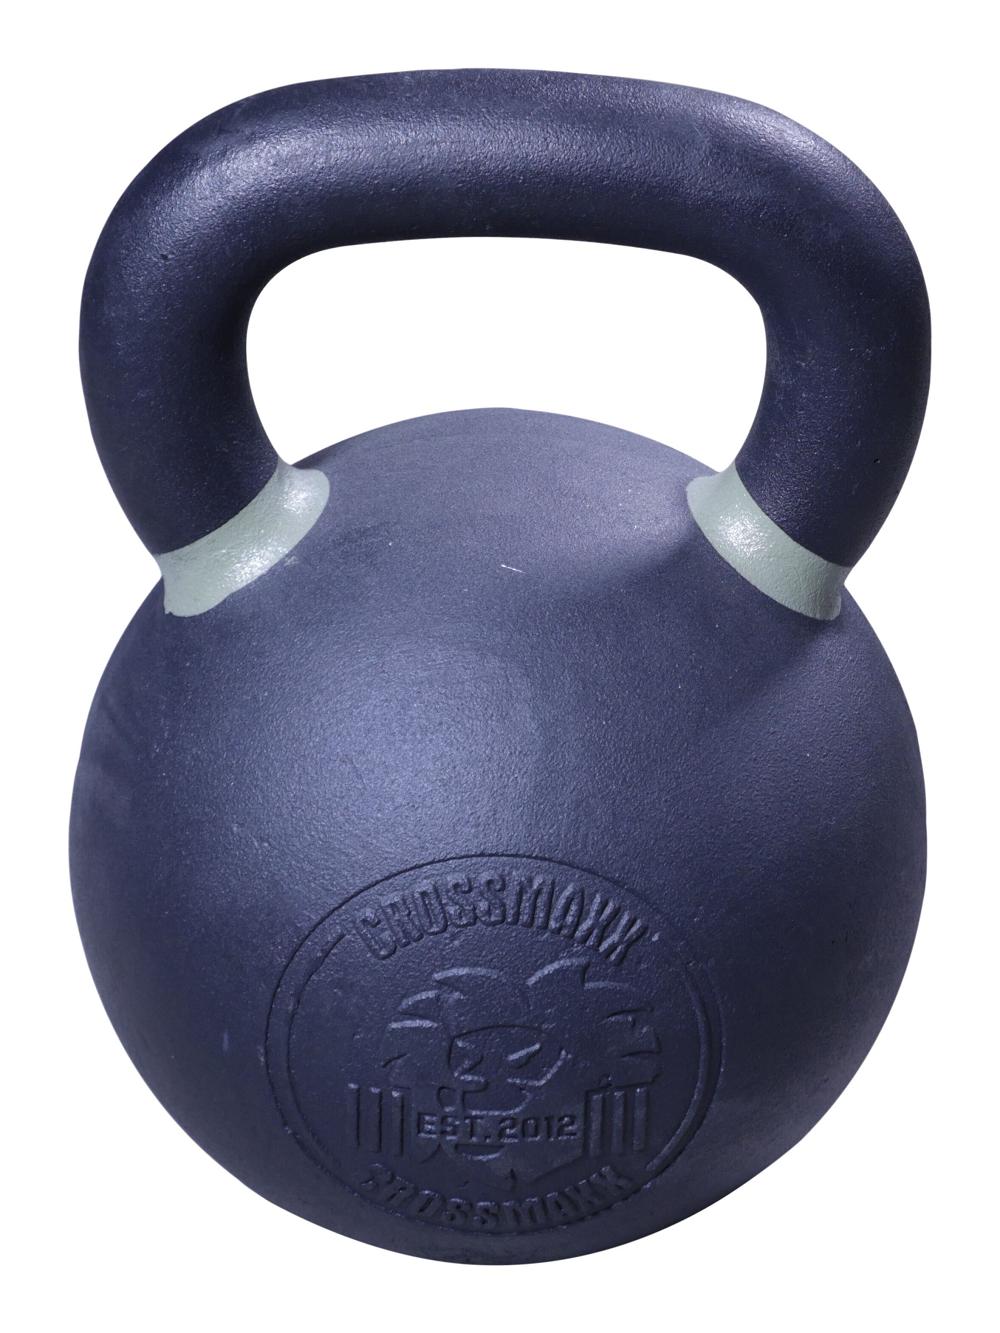 Lifemaxx Crossmaxx Kettlebell - Gietijzer met Poedercoating - 36 kg